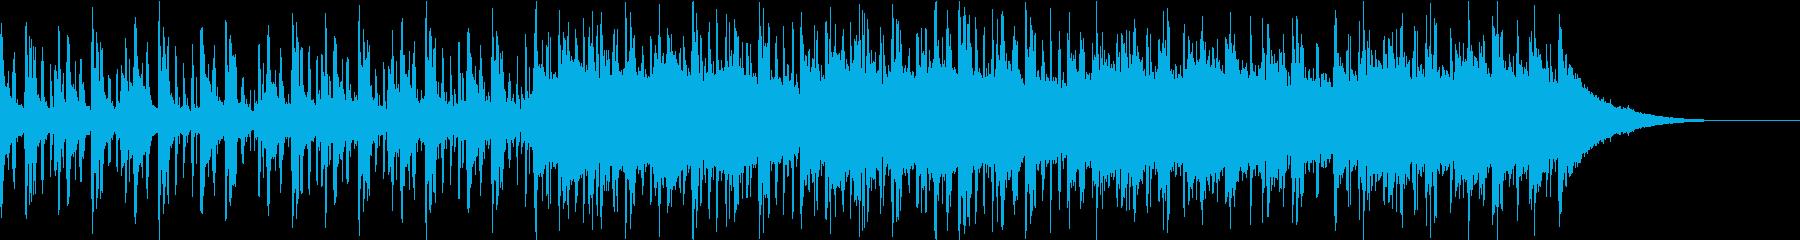 Pf「単独」和風現代ジャズの再生済みの波形